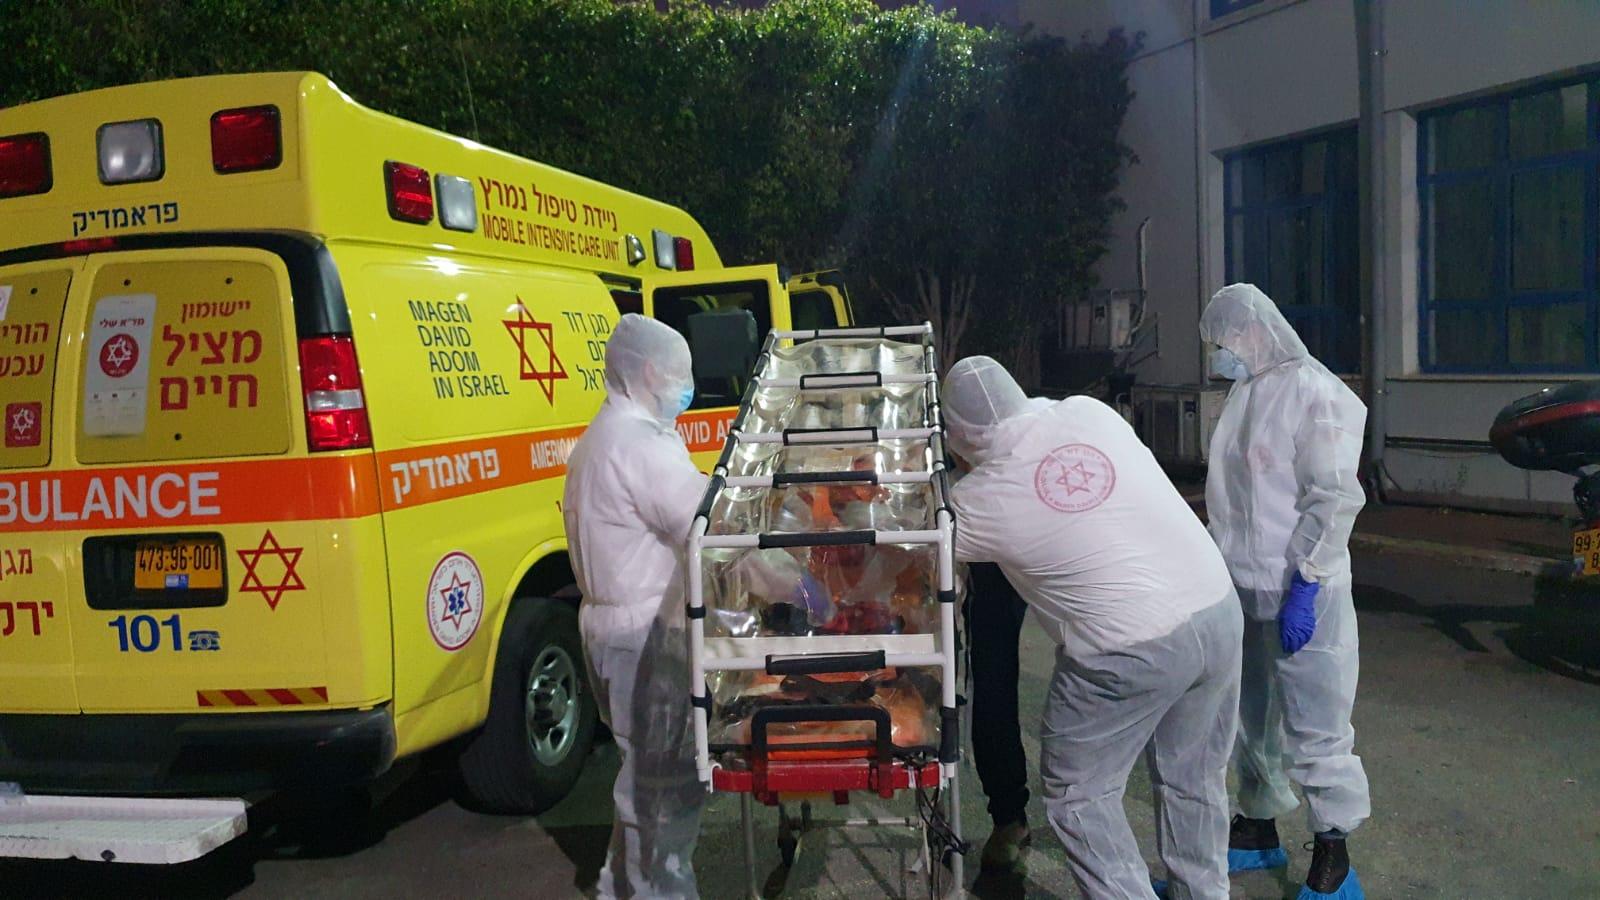 משרד הבריאות בעדכון נוסף: מספר הנדבקים בקורונה בארצנו עלה ל-82